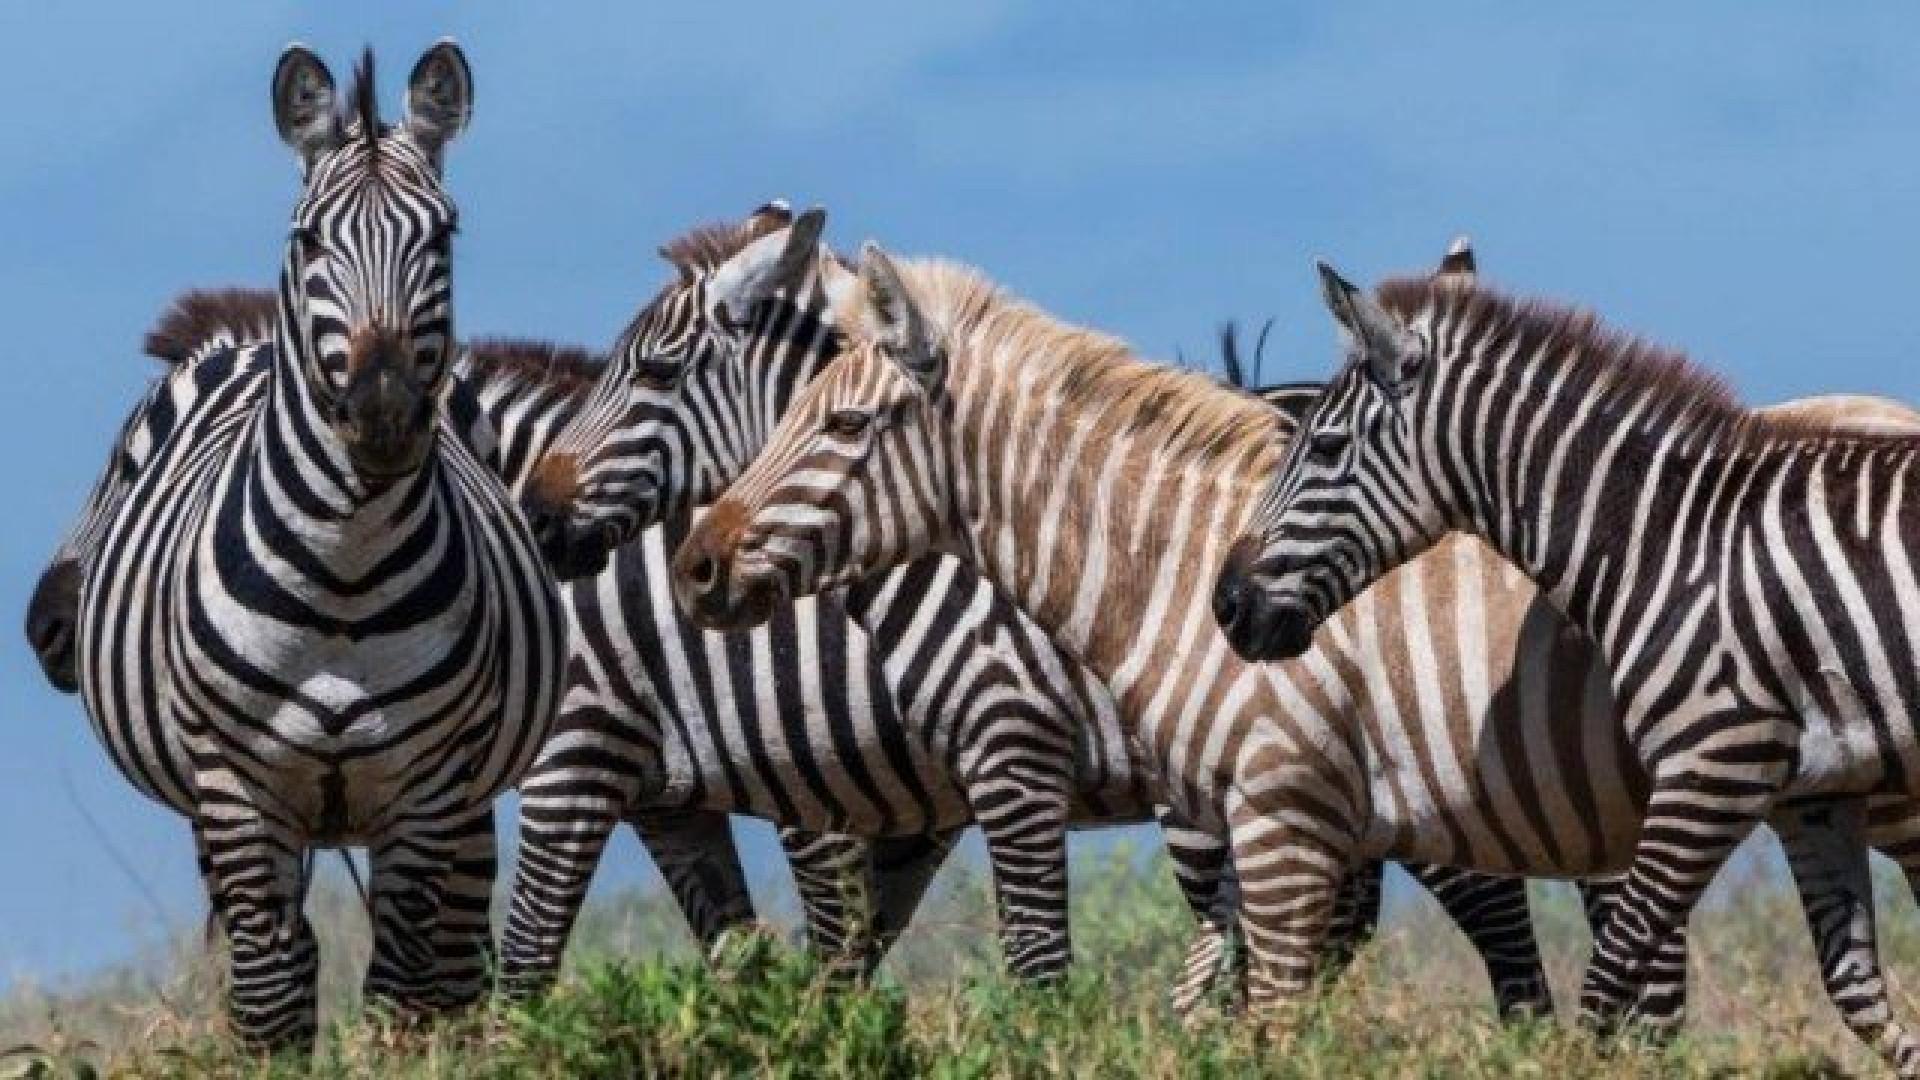 Fotógrafo faz imagem rara de zebra 'loira' em parque da Tanzânia